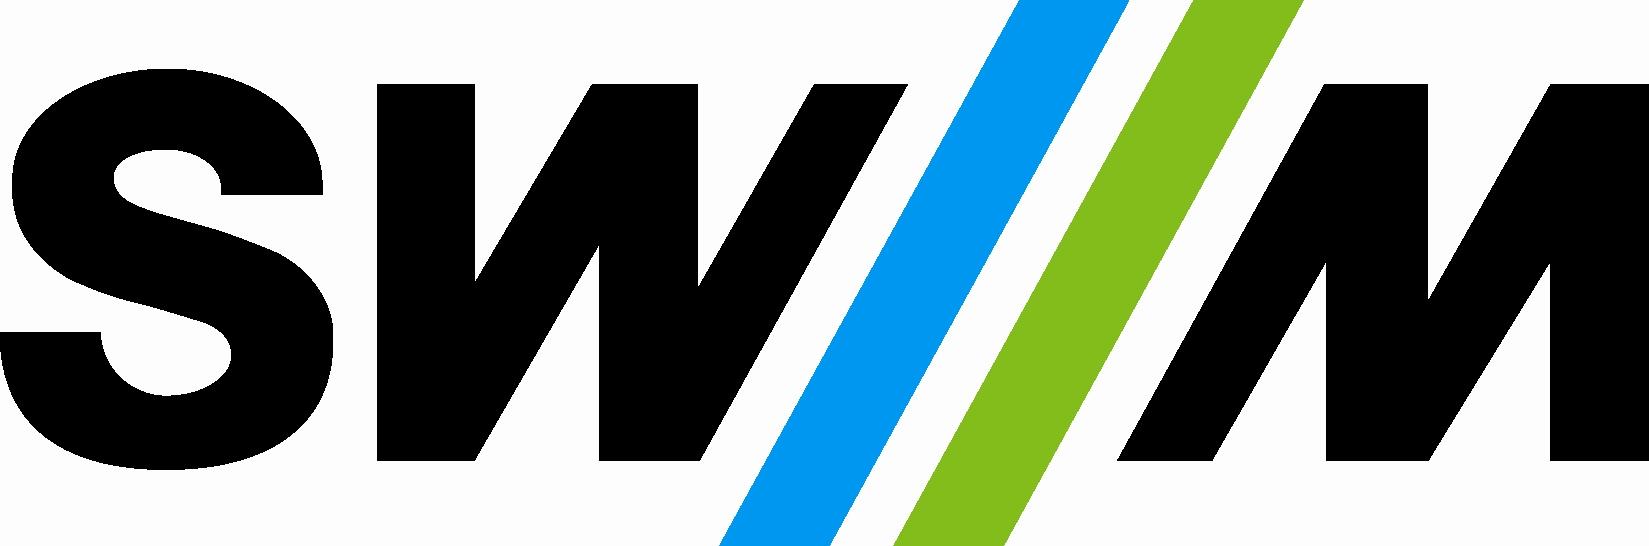 SWM_logo_SWM-4CO1-uden